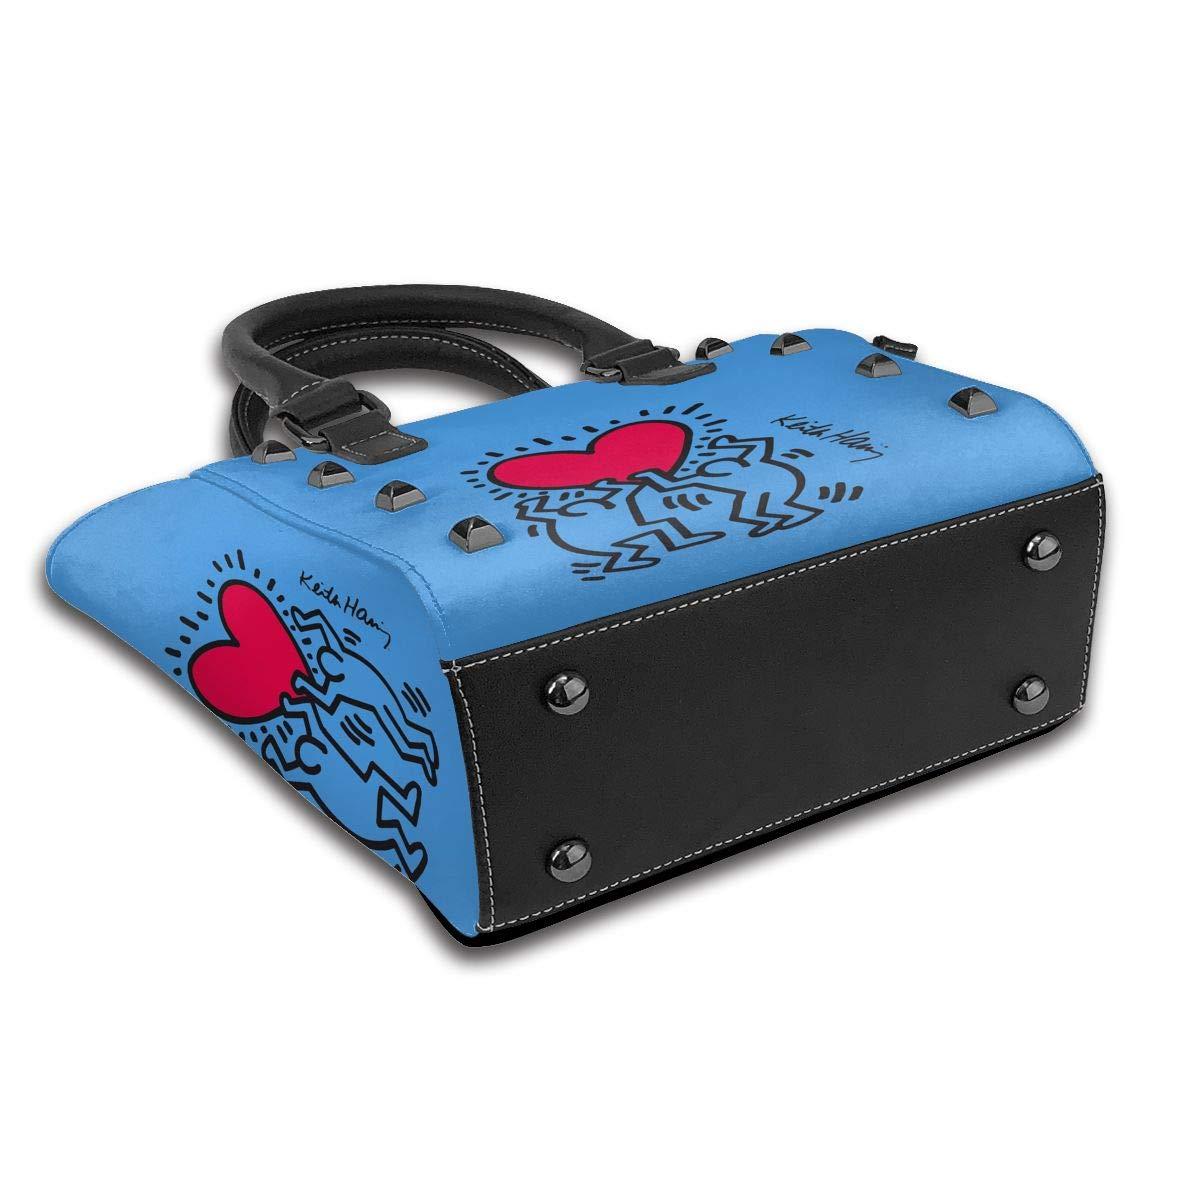 Beer It's Sunny In Philadelphia dammode äkta läder nit axelväska flickor resa skola mini handväska Keith Haring